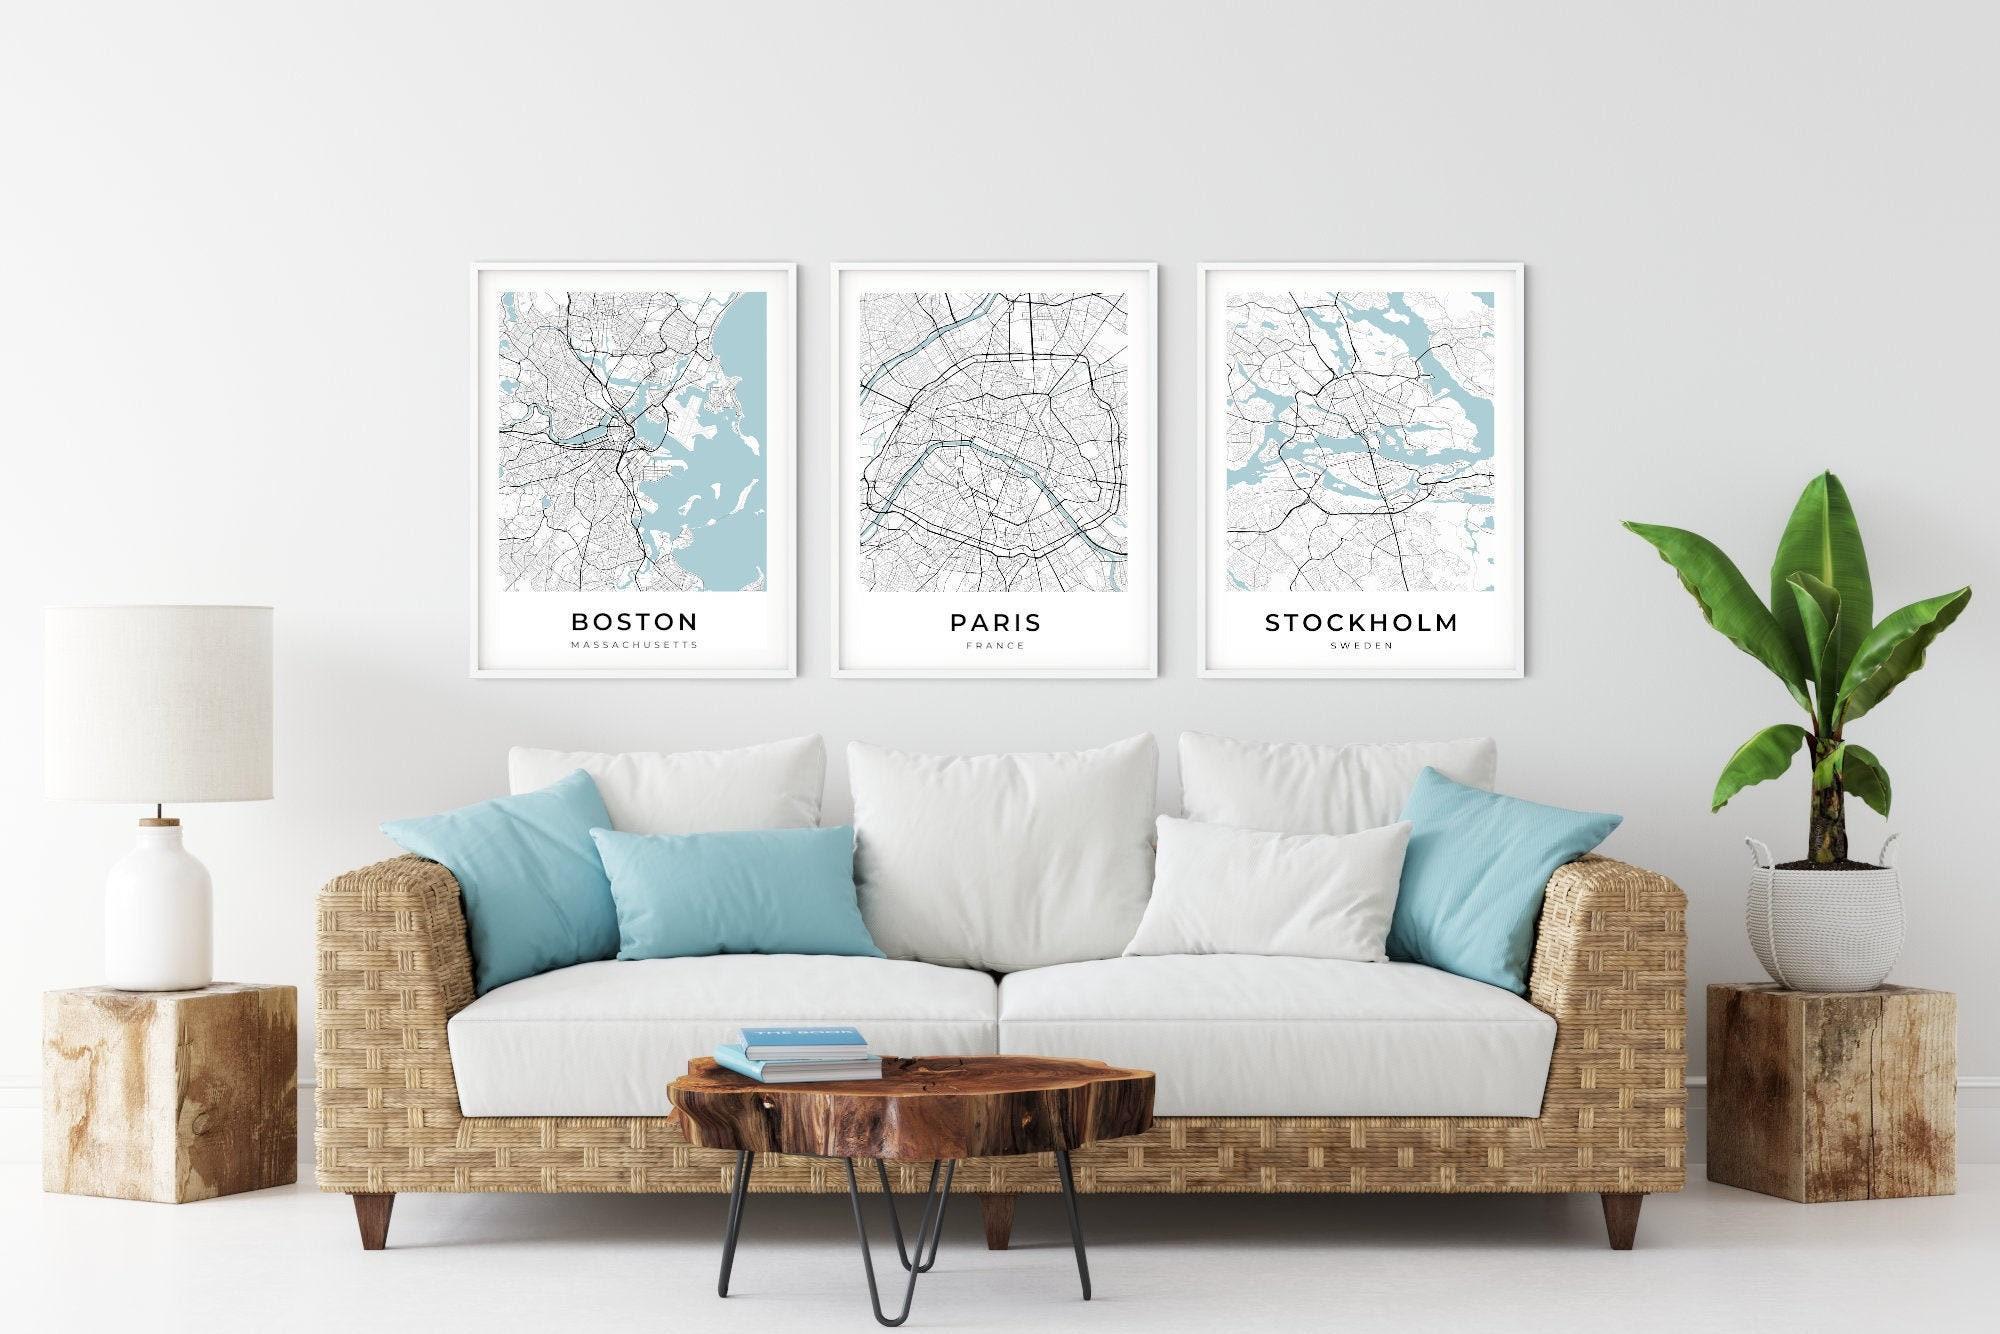 Stampa personalizzata di mappe di qualsiasi città o area del mondo